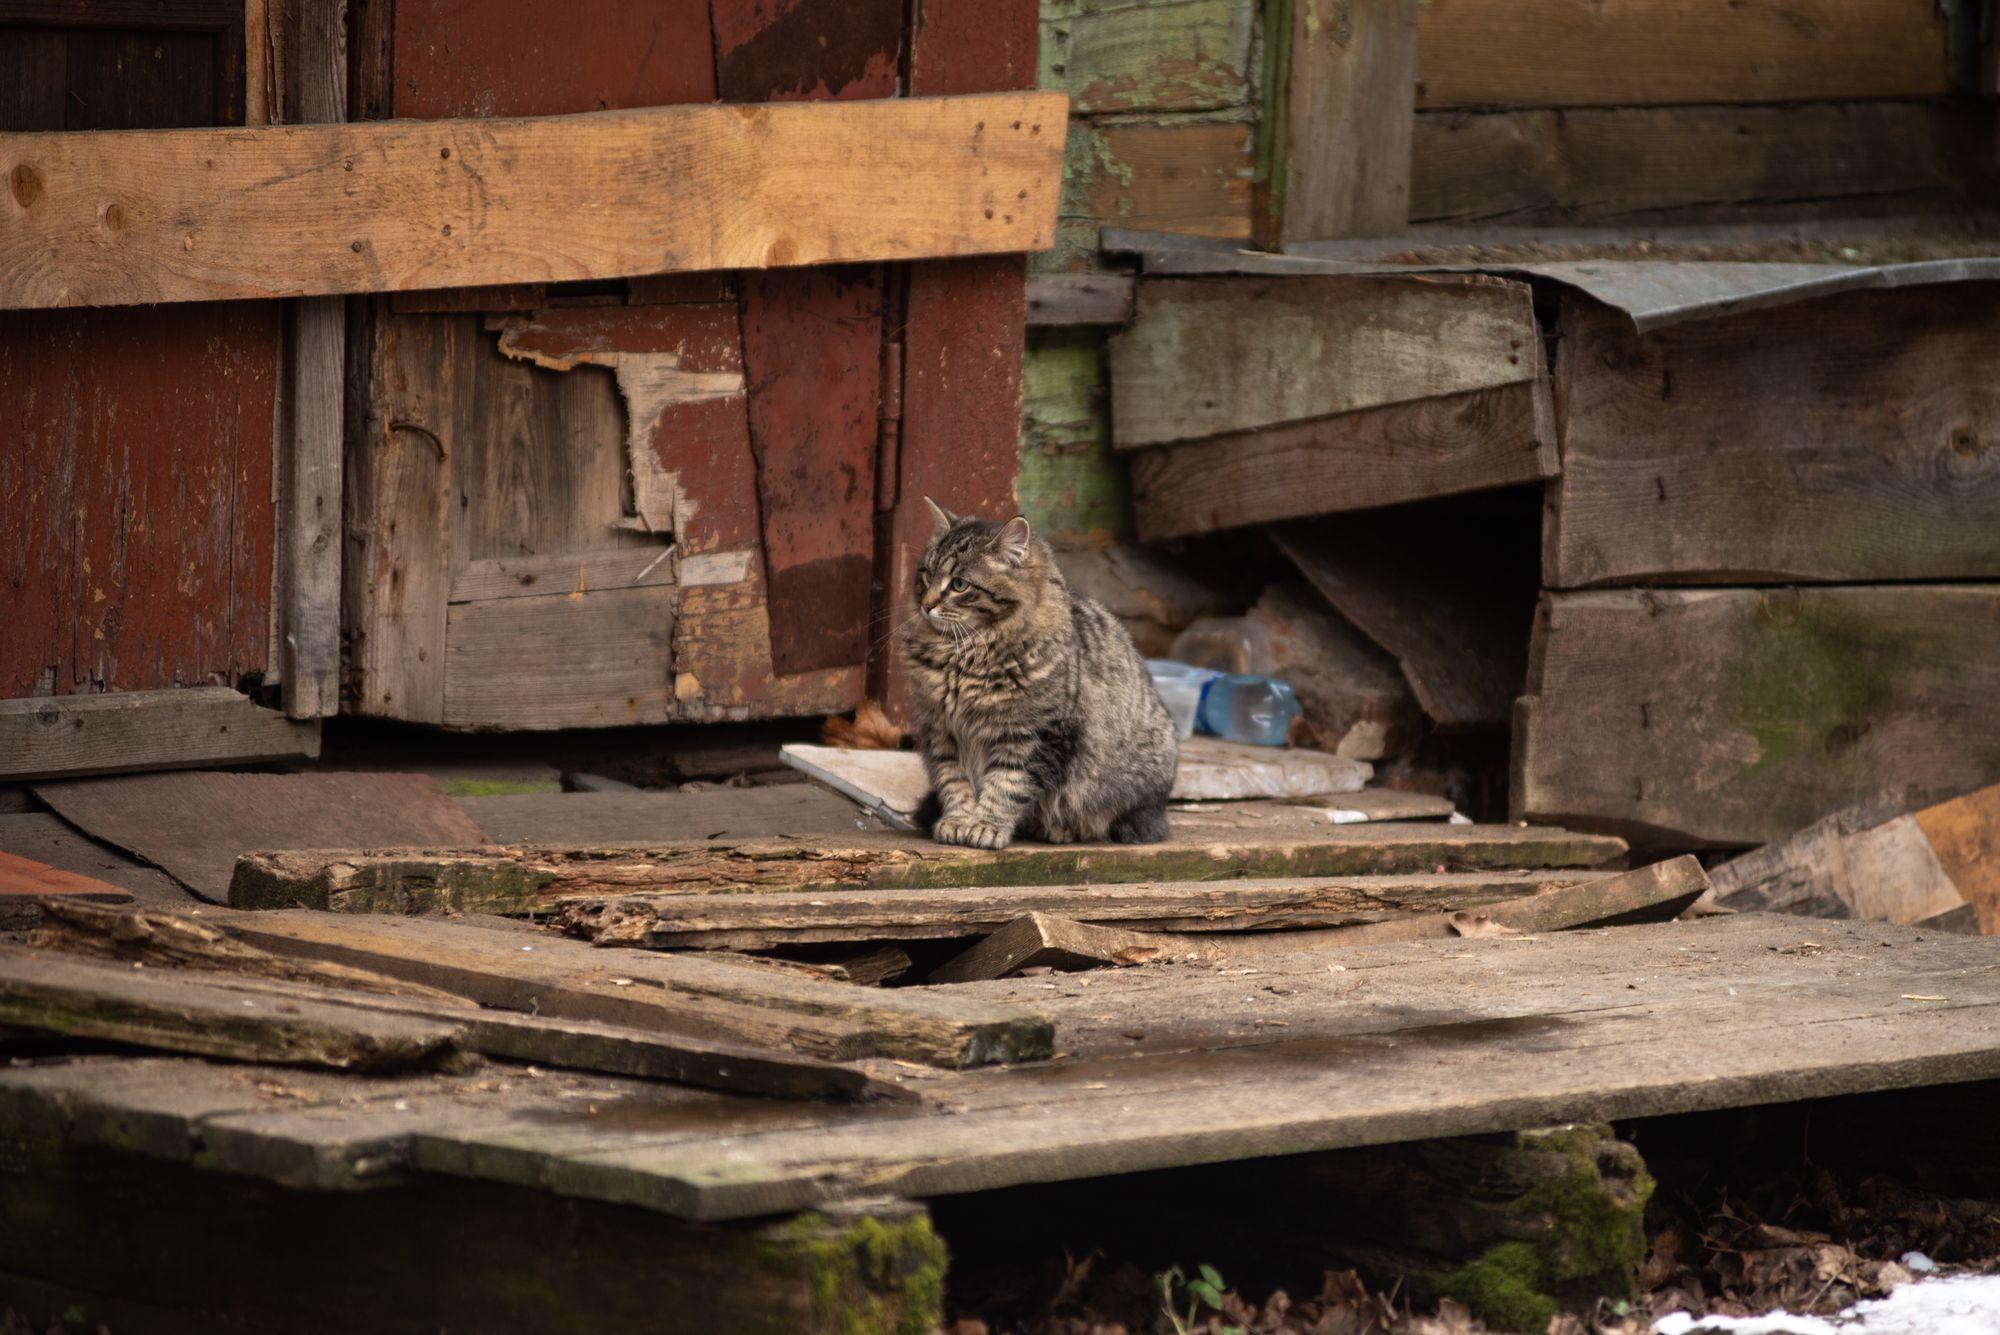 фото бездомного котика